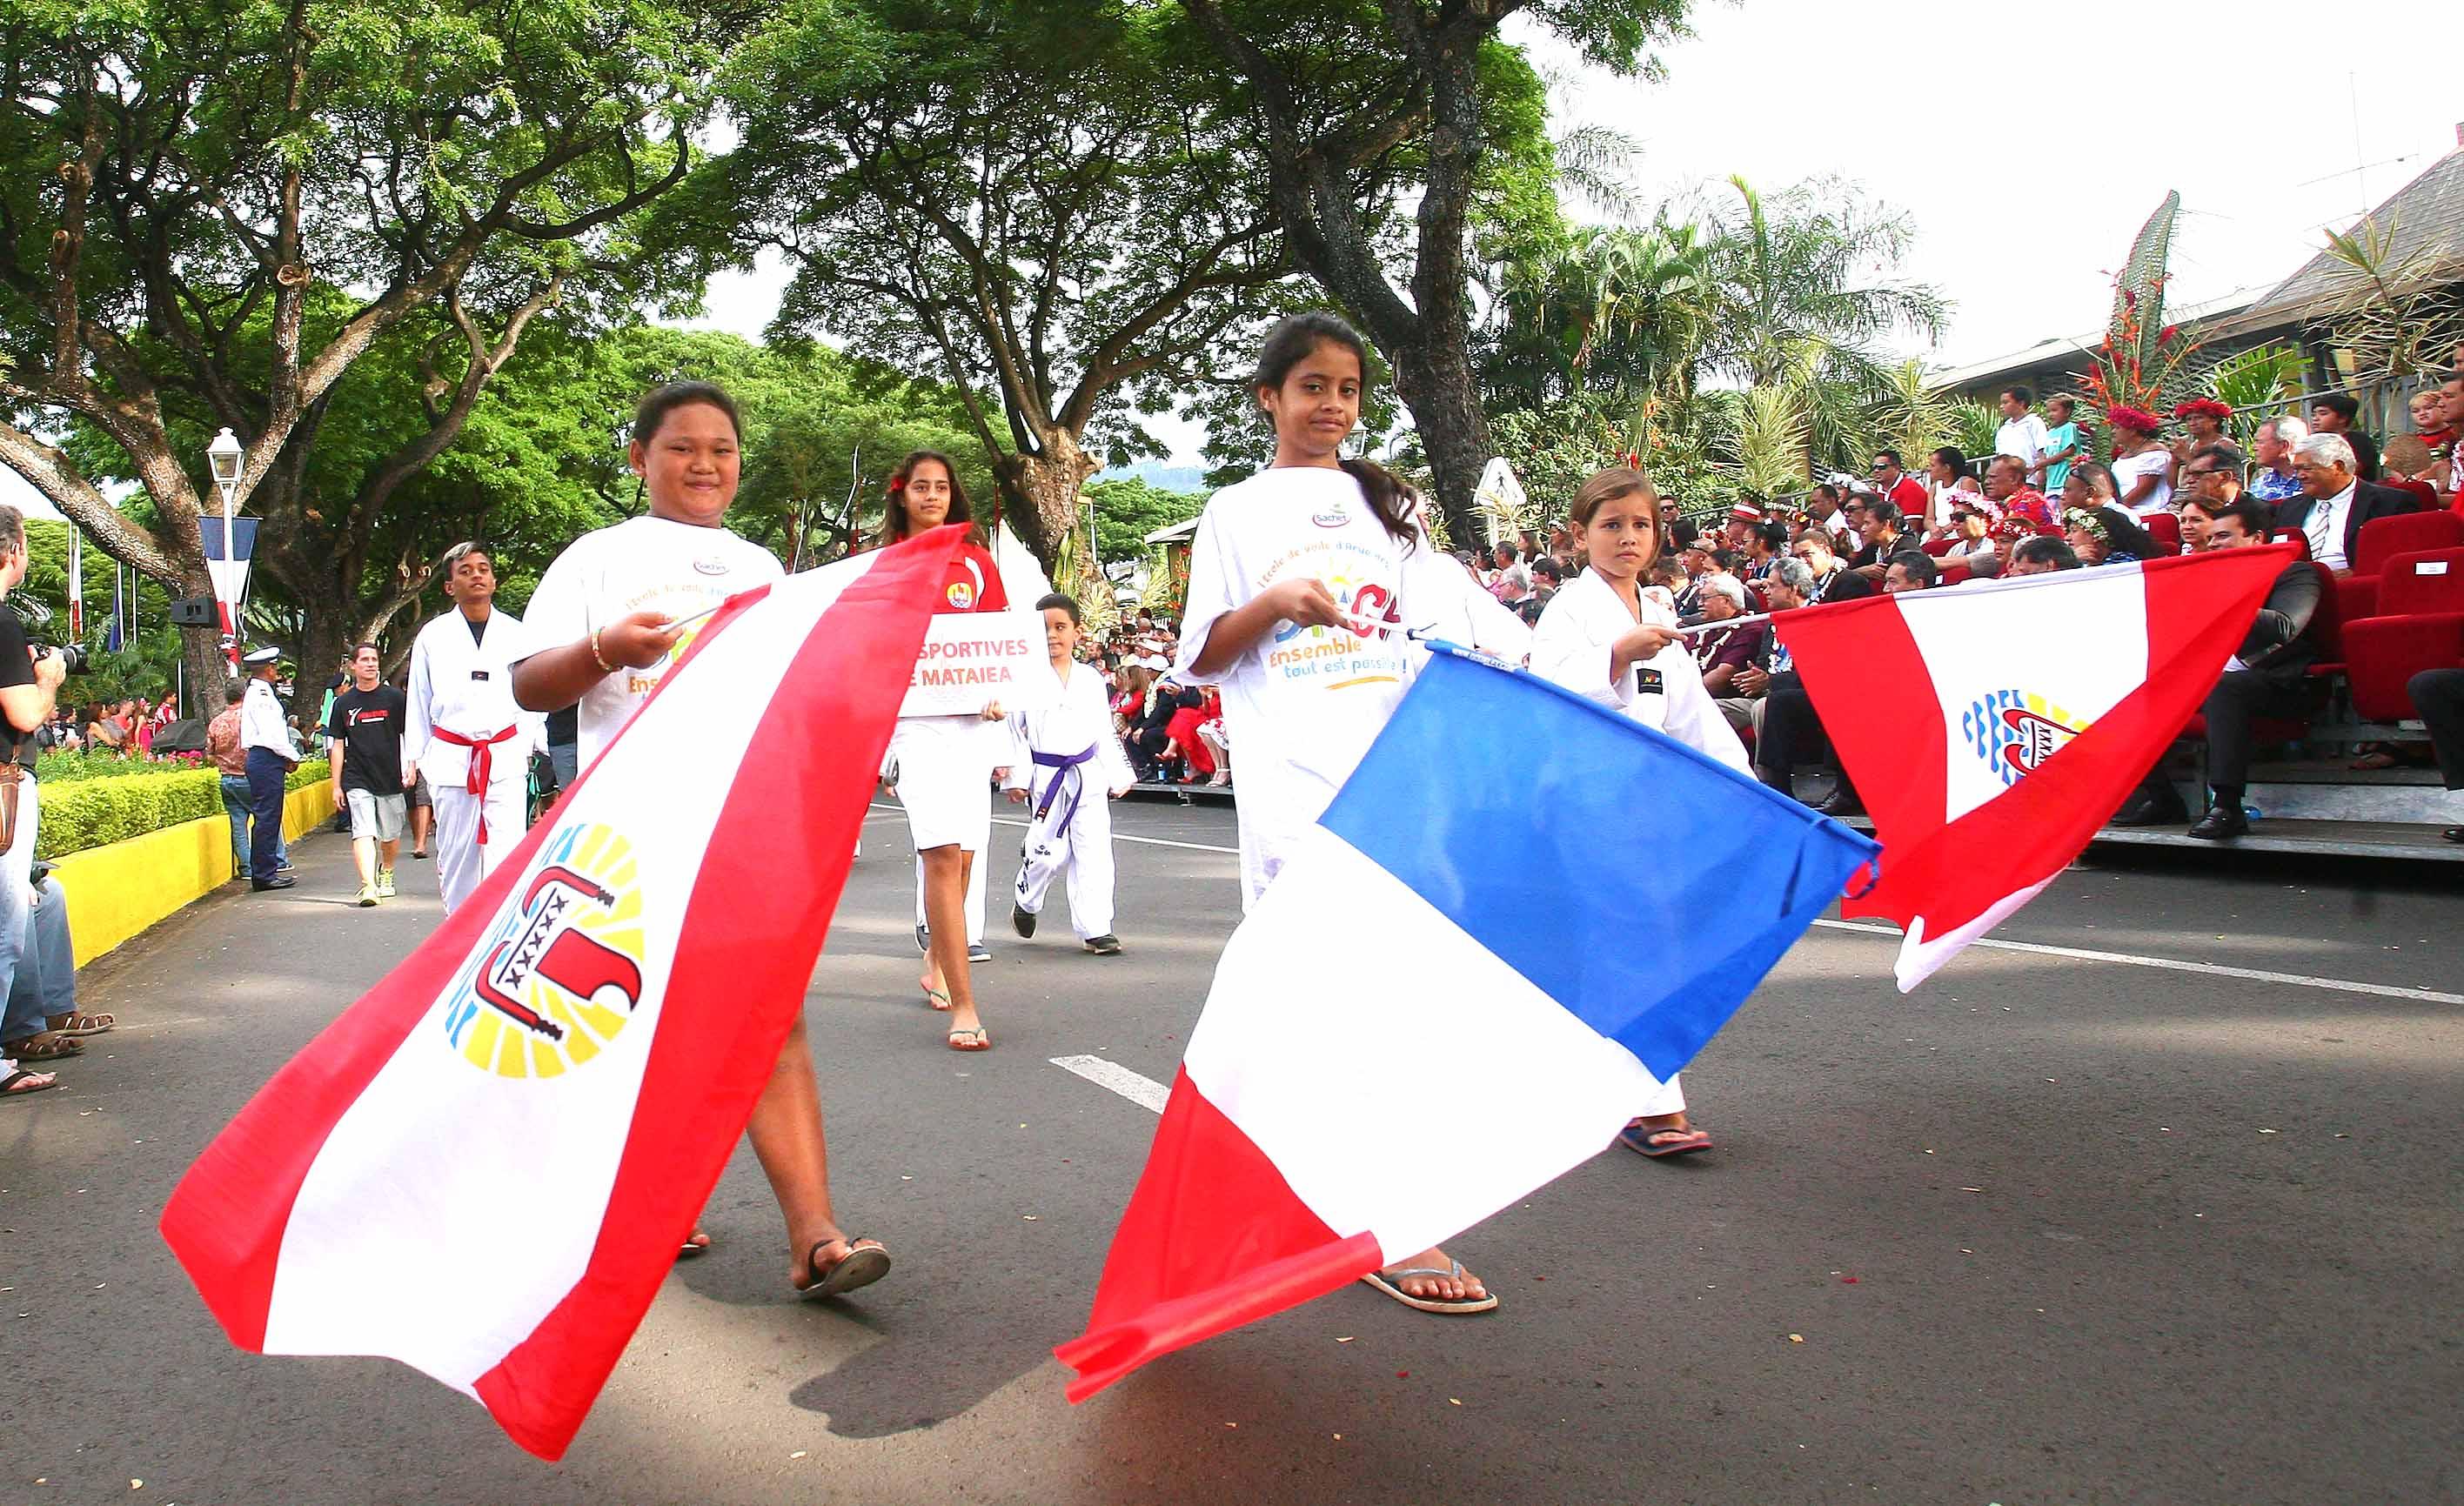 Défilé lors de la Fête de l'autonomie en 2016 ©Présidence de la Polynésie